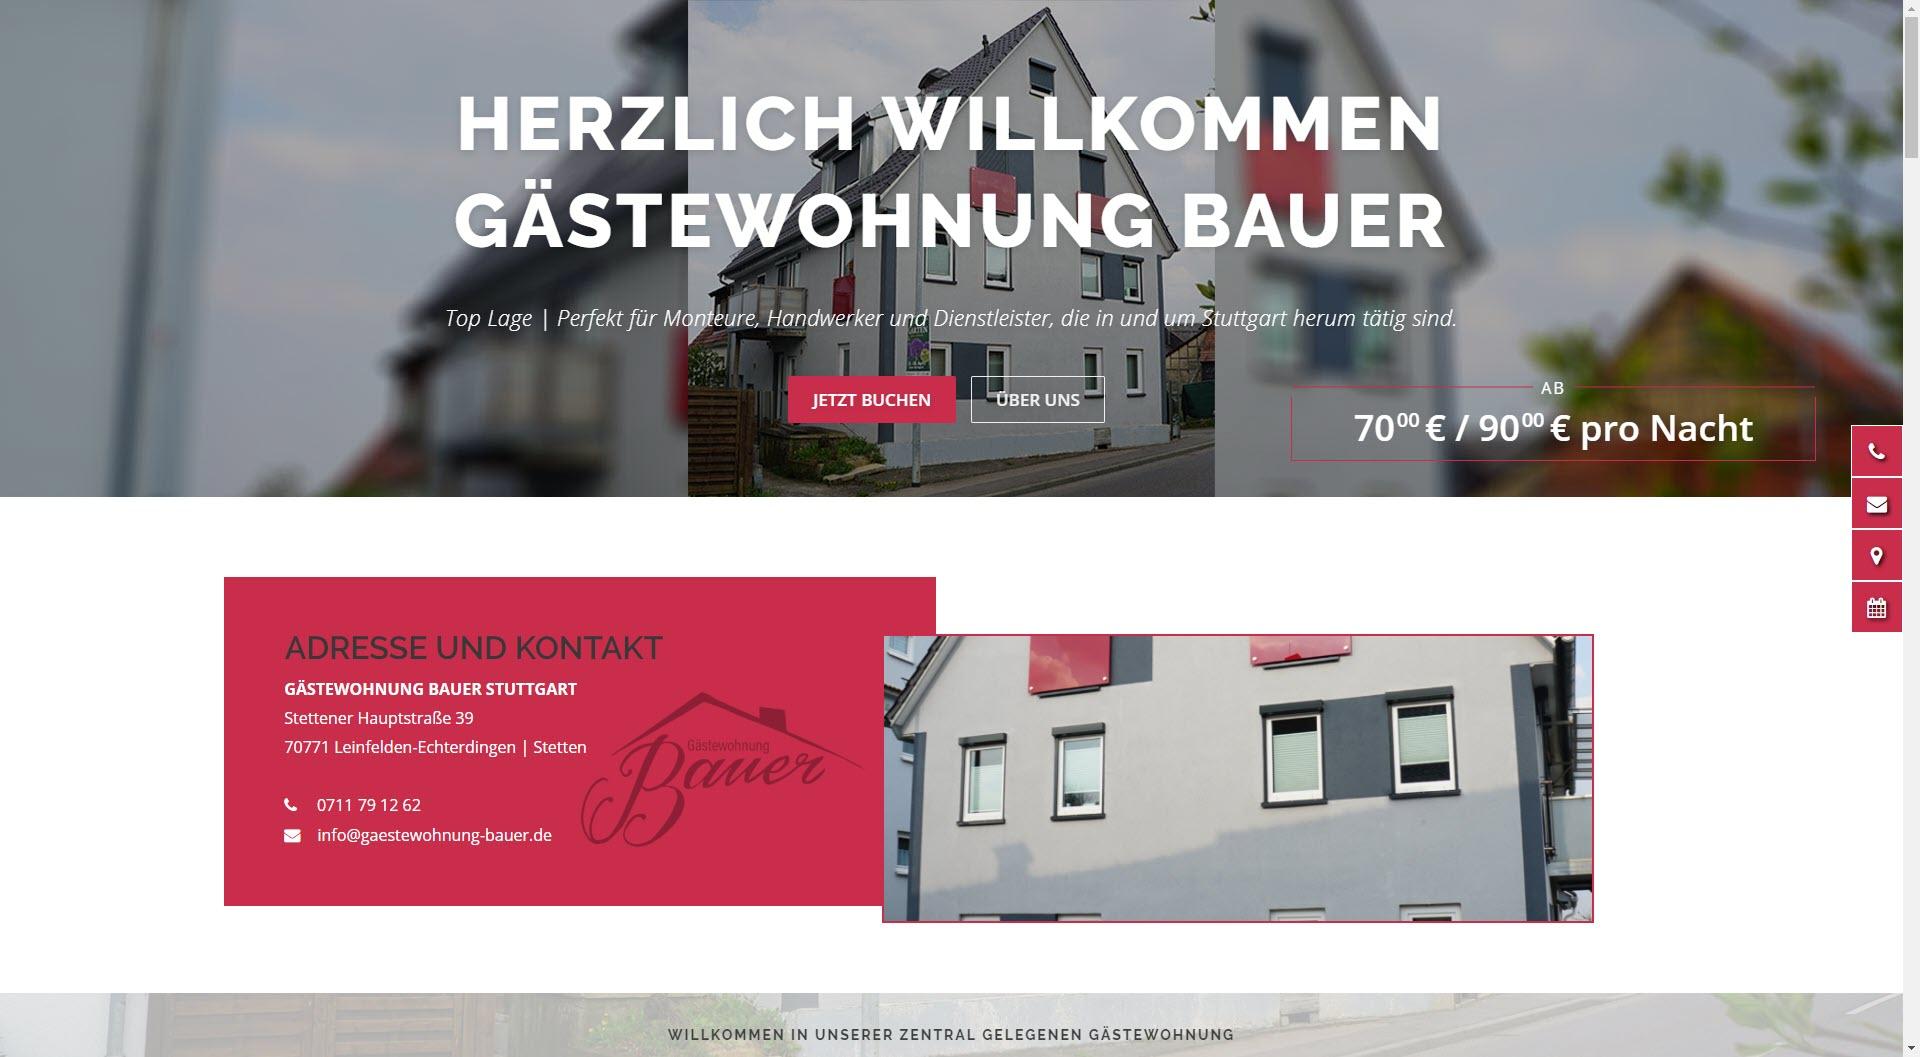 Gästewohnung-Bauer